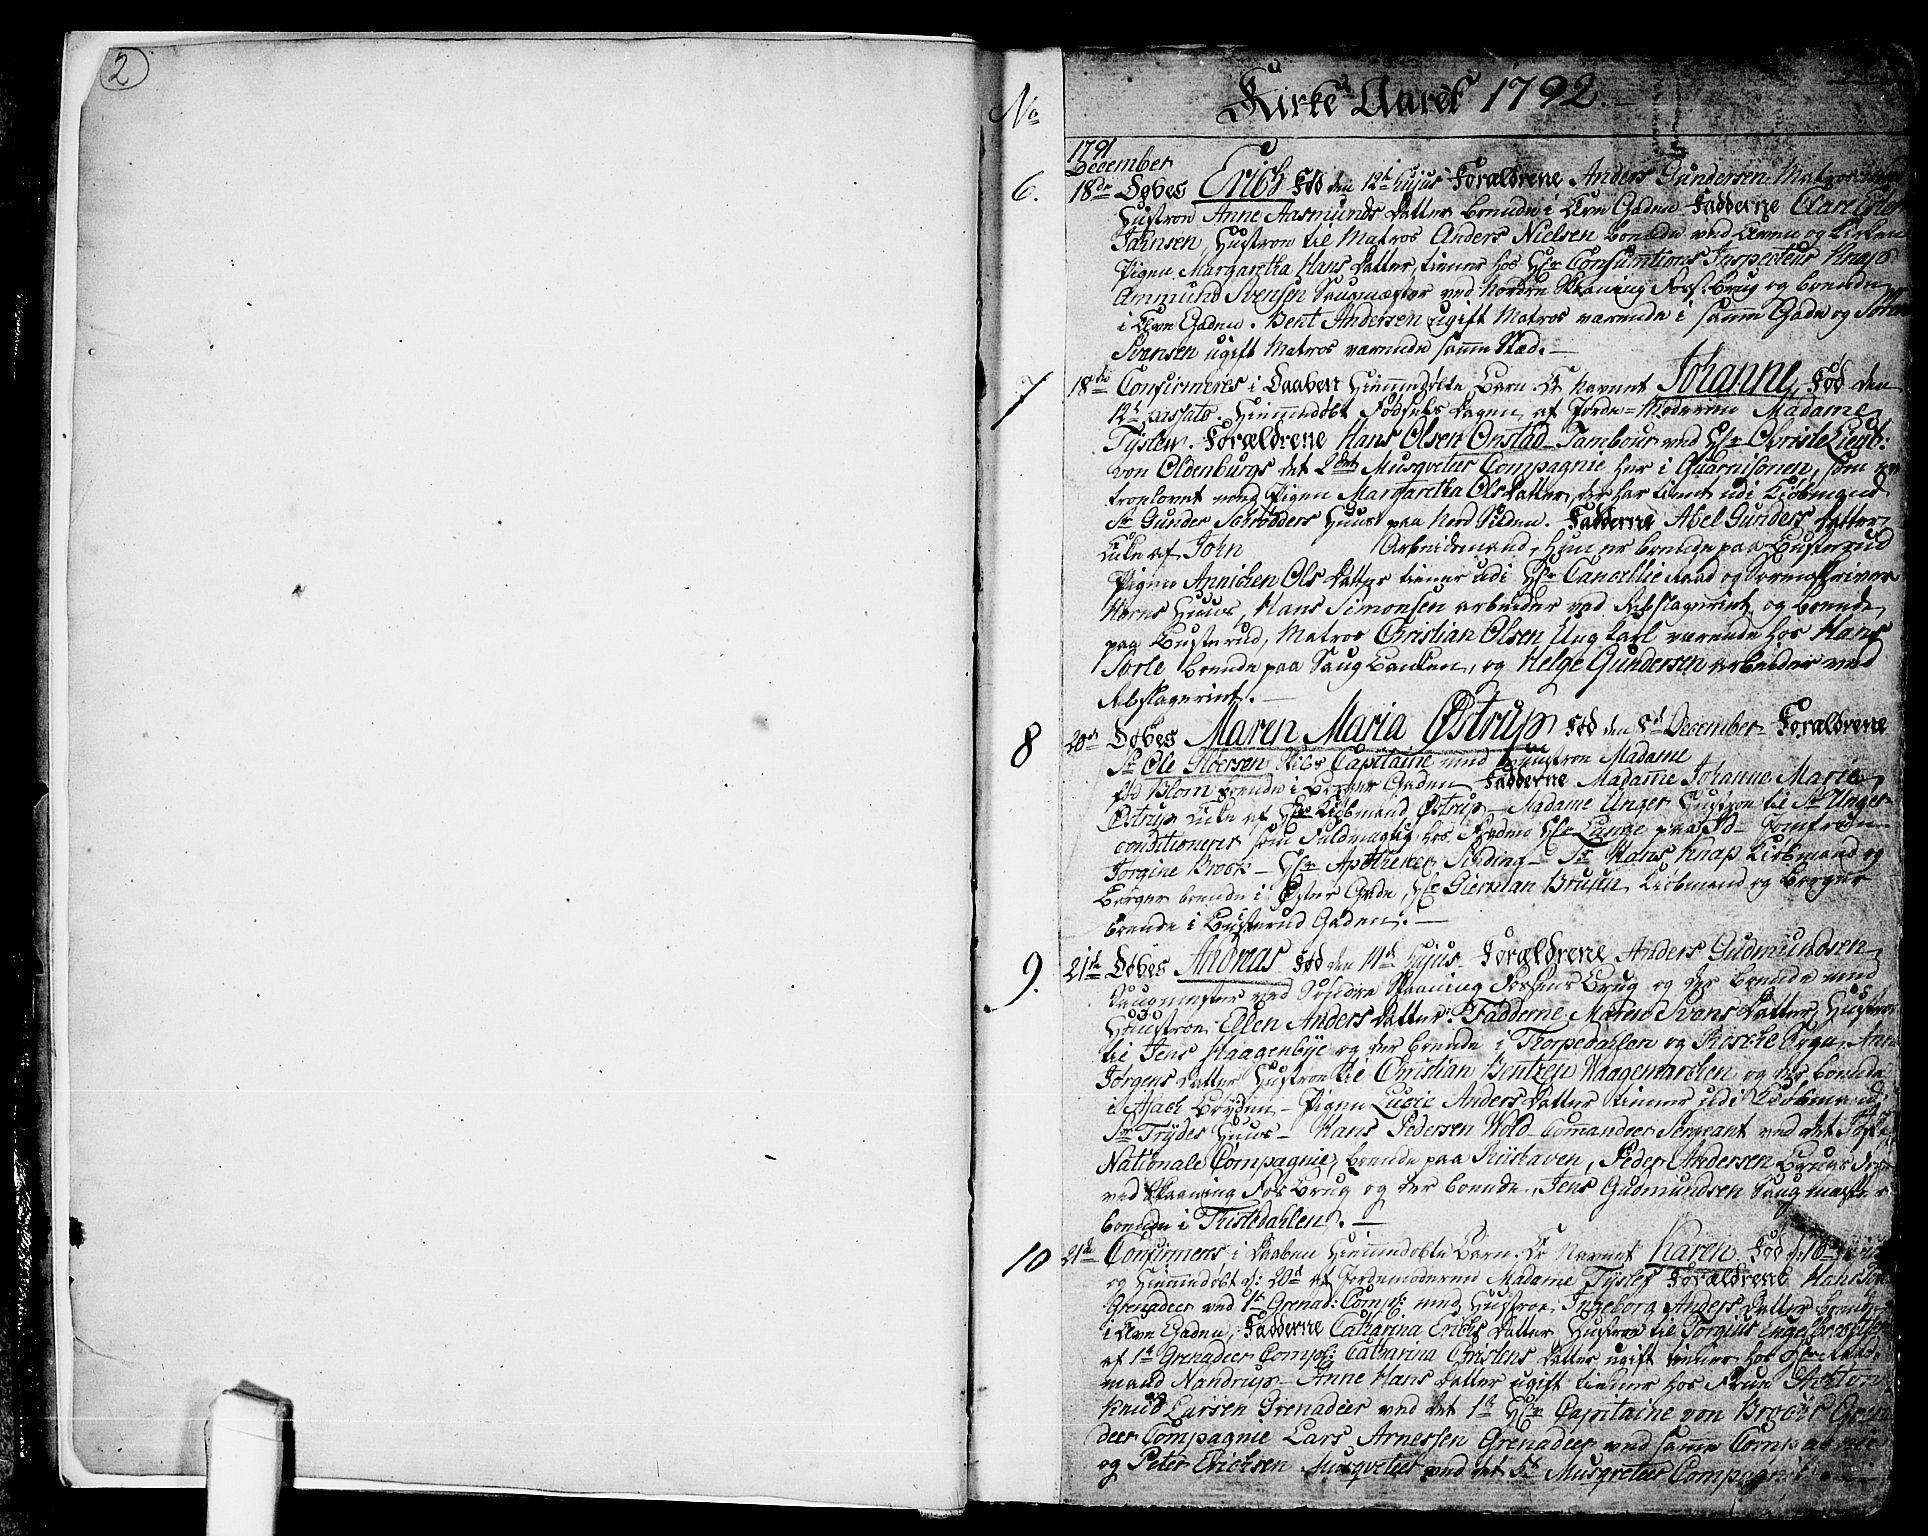 SAO, Halden prestekontor Kirkebøker, F/Fa/L0002: Ministerialbok nr. I 2, 1792-1812, s. 2-3